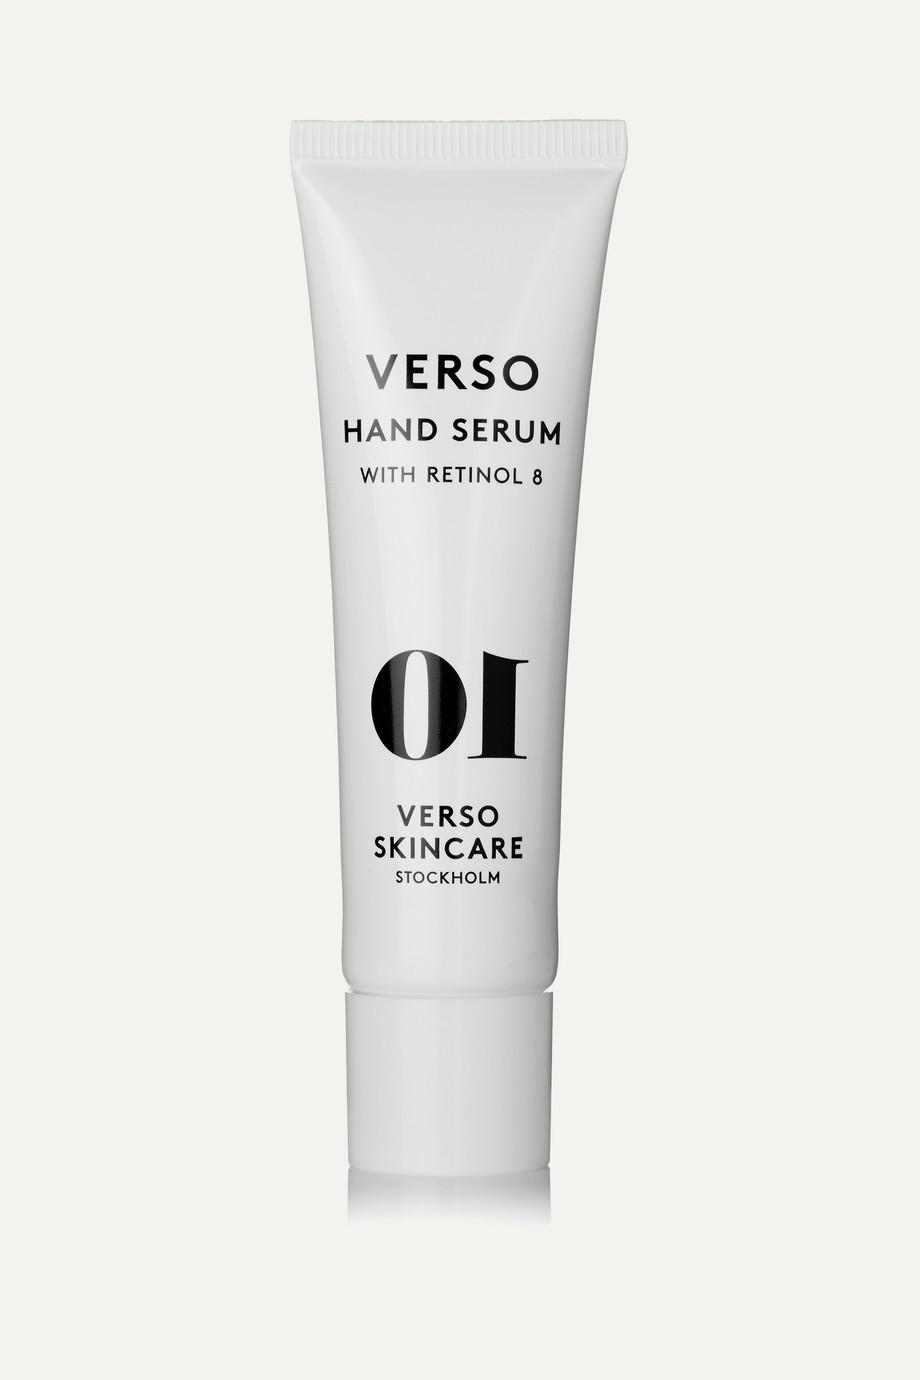 Verso Hand Serum 10, 30ml